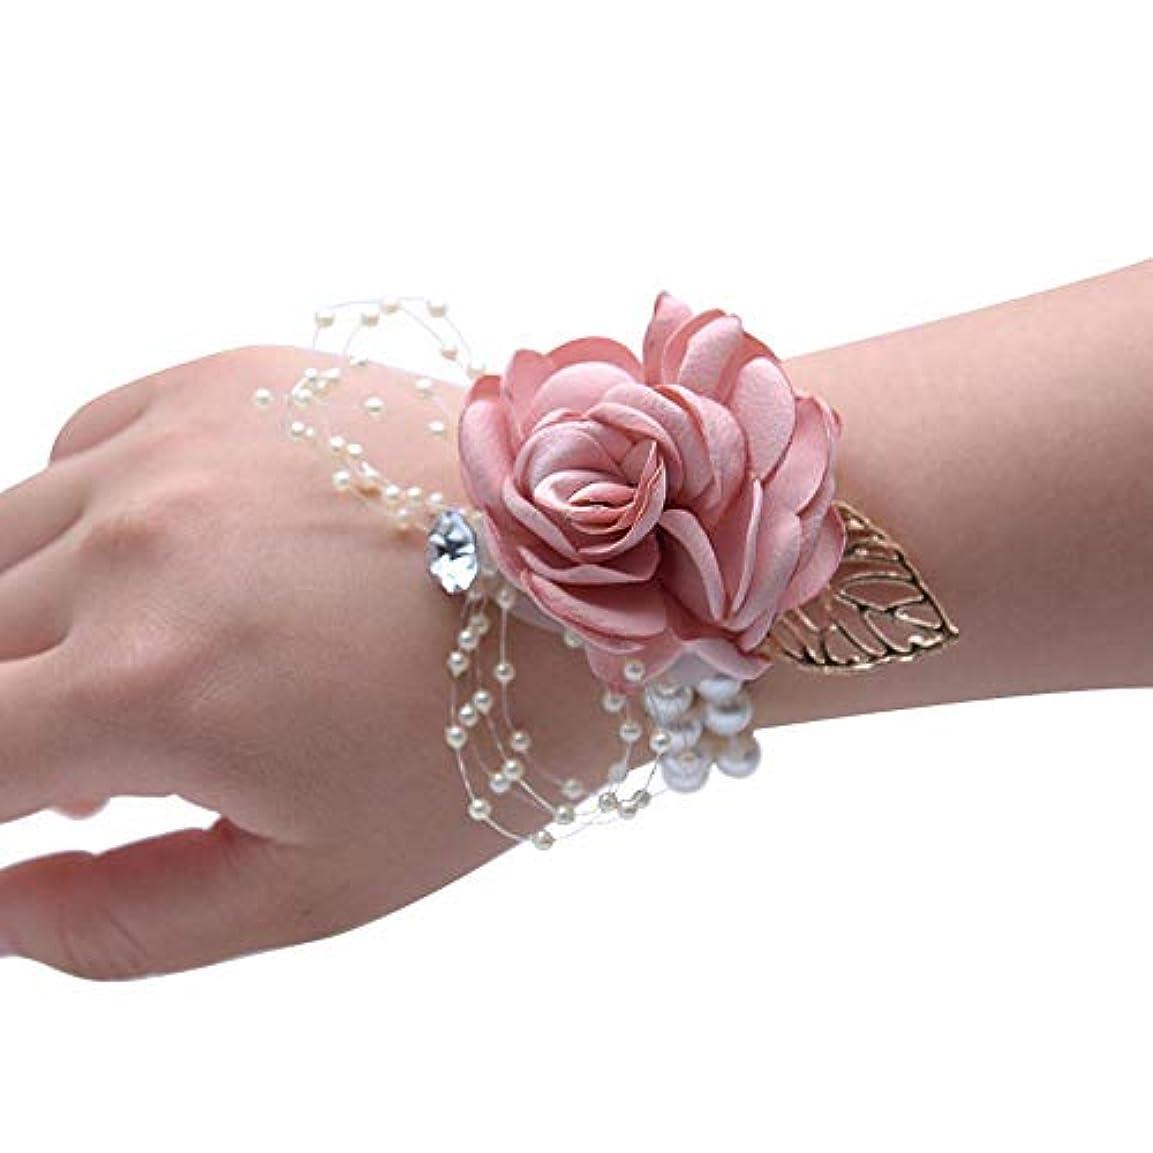 青コンパクト汚染するMerssavo 手首の花 - 女の子チャーム手首コサージュブレスレット花嫁介添人姉妹の手の花のどの真珠の結婚式、ピンク